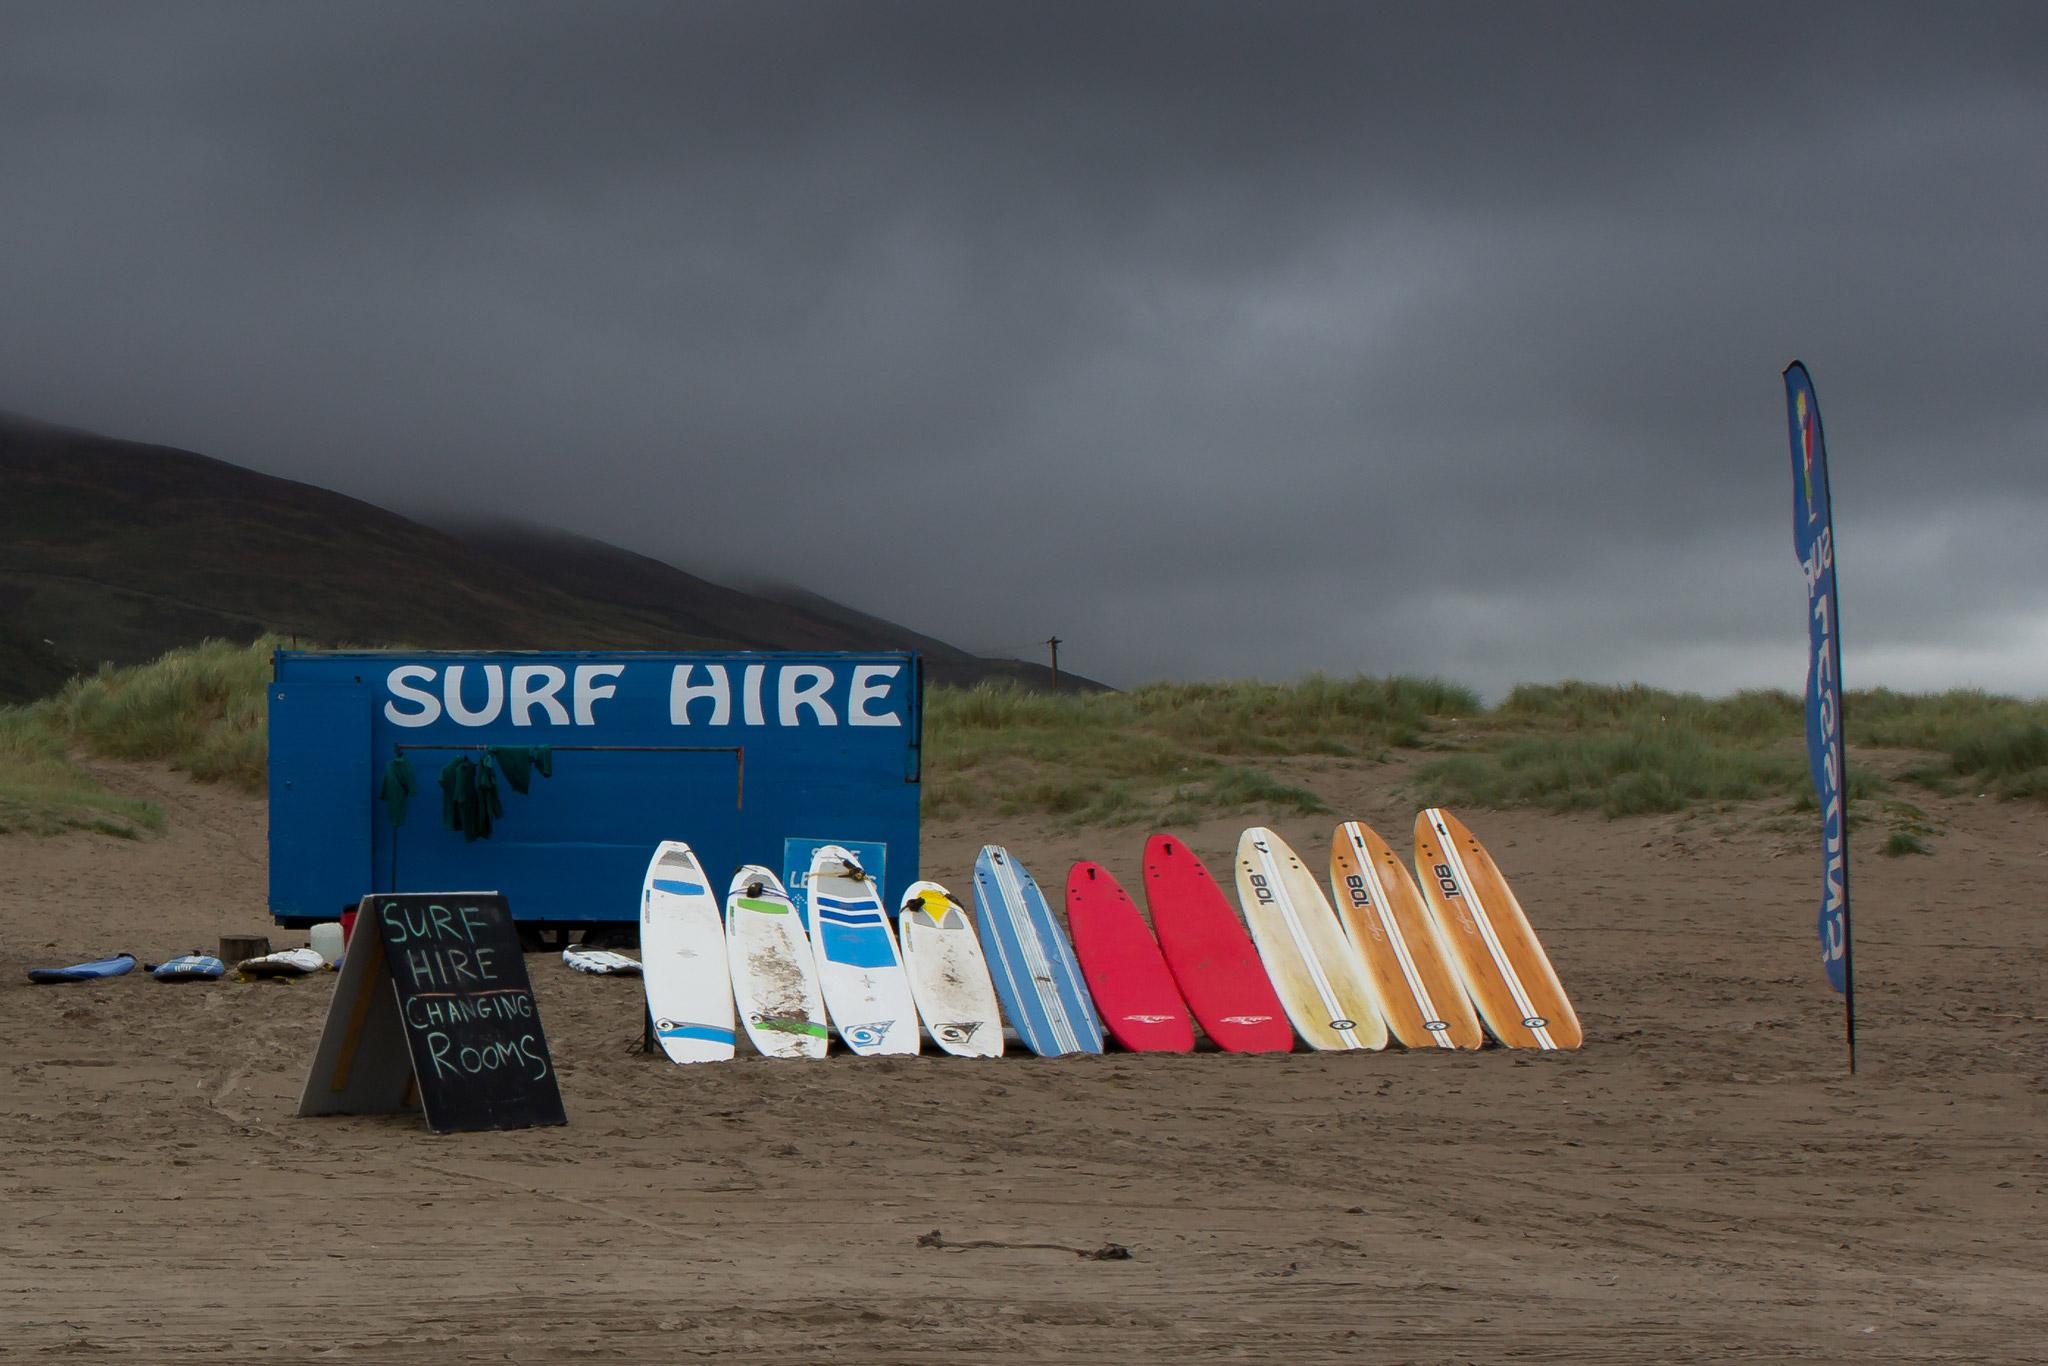 INCH Surf (Foto: Andreas Ochsenkühn)